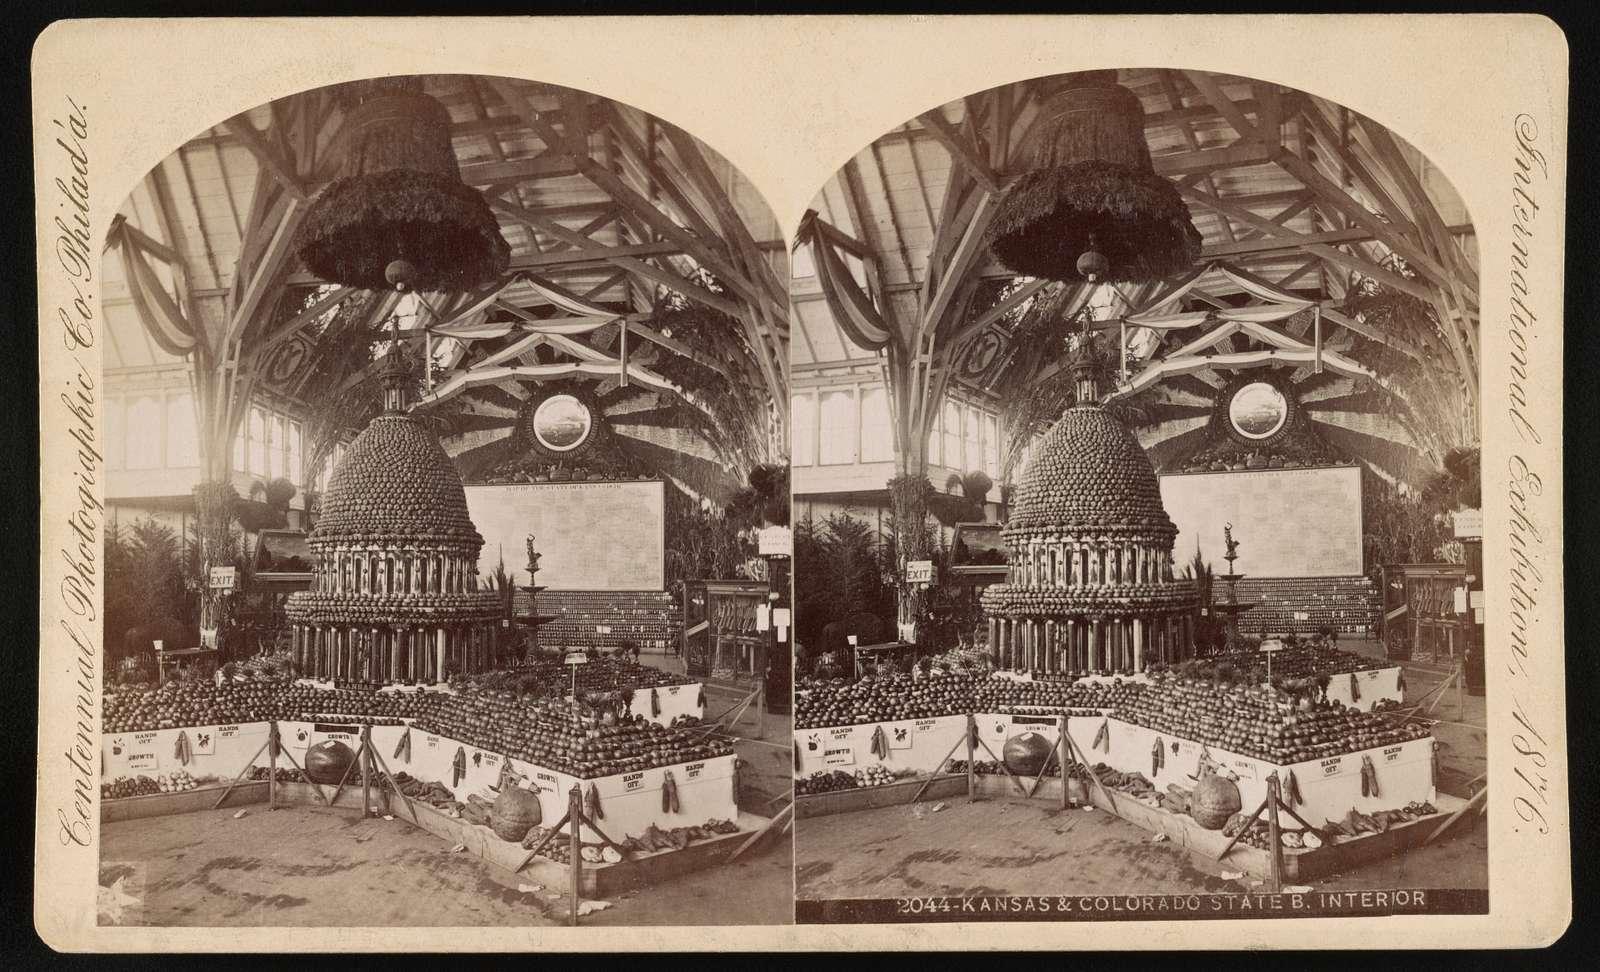 International Exhibition, Phila., Pa.: Kansas & Colorado State Building - interior